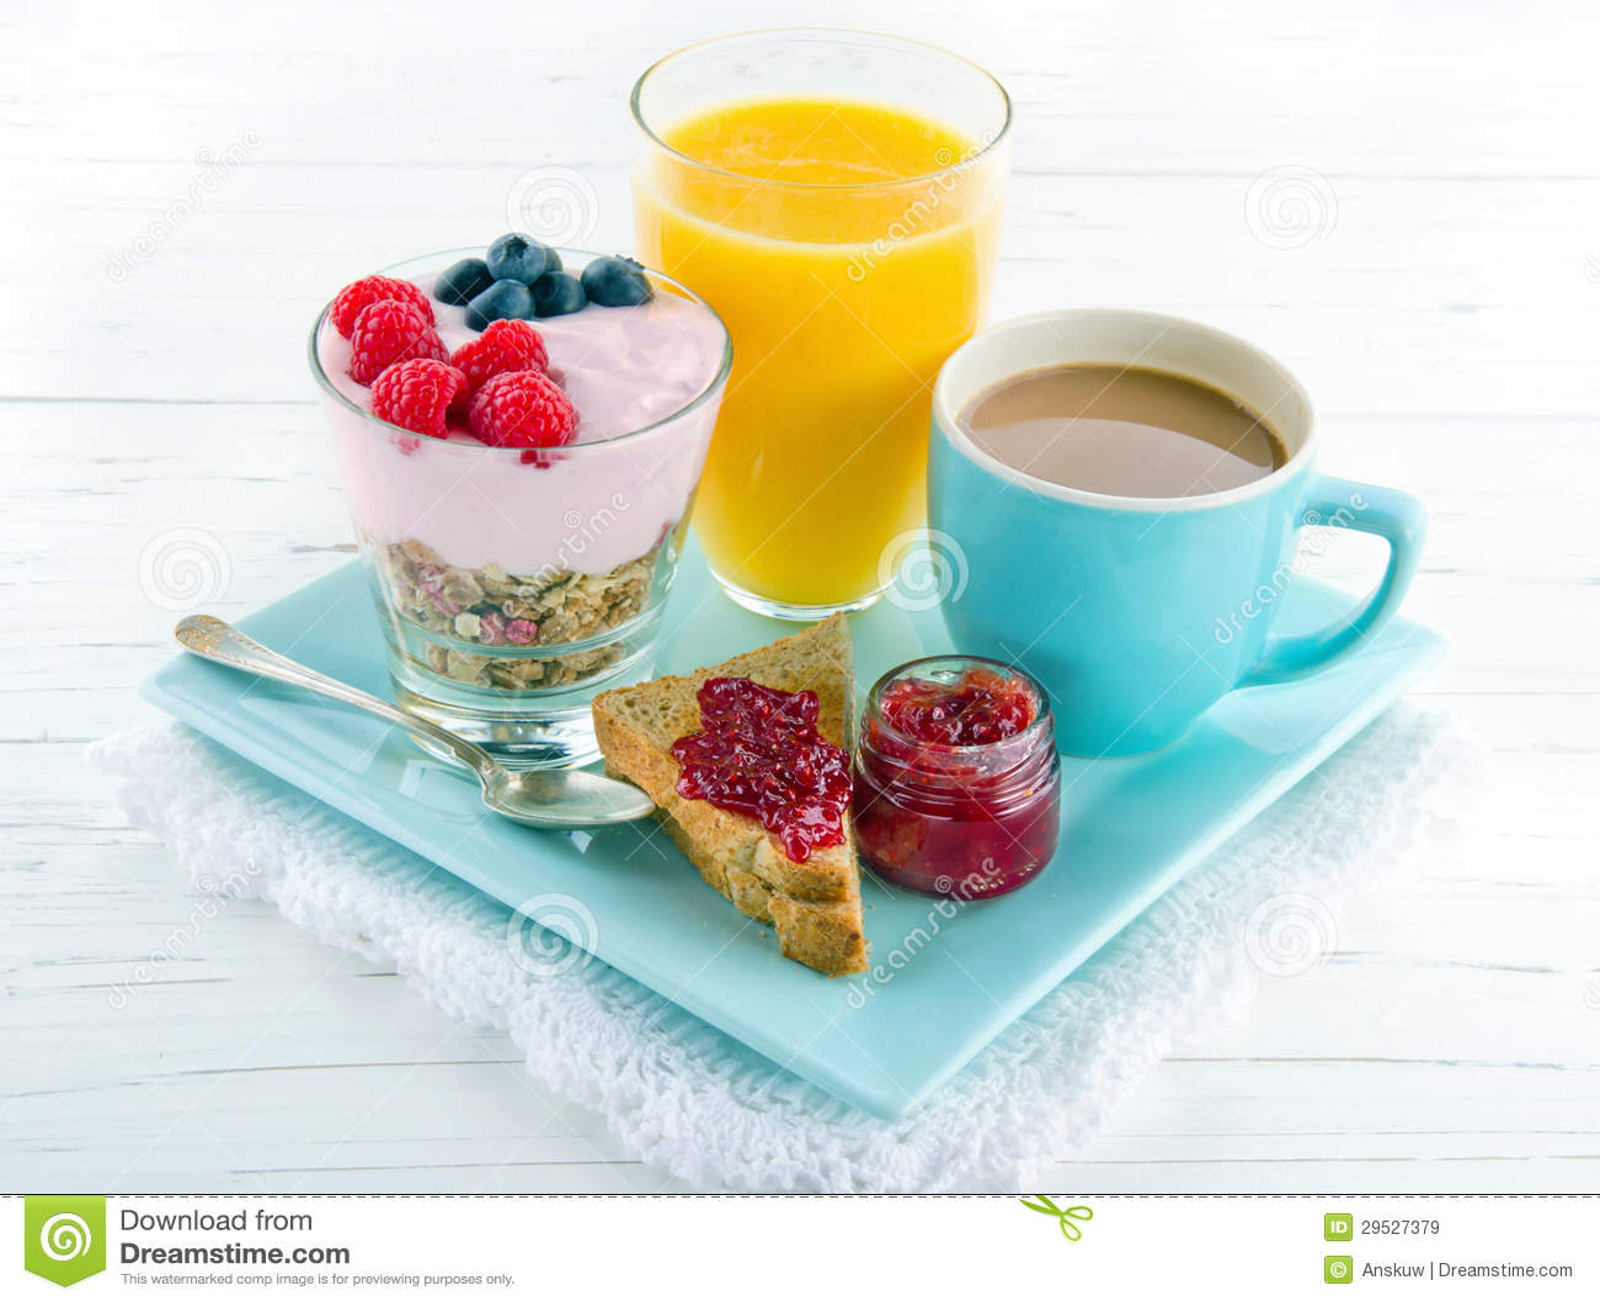 Tome o pequeno almoço com iogurte, bagas, suco, brinde e café